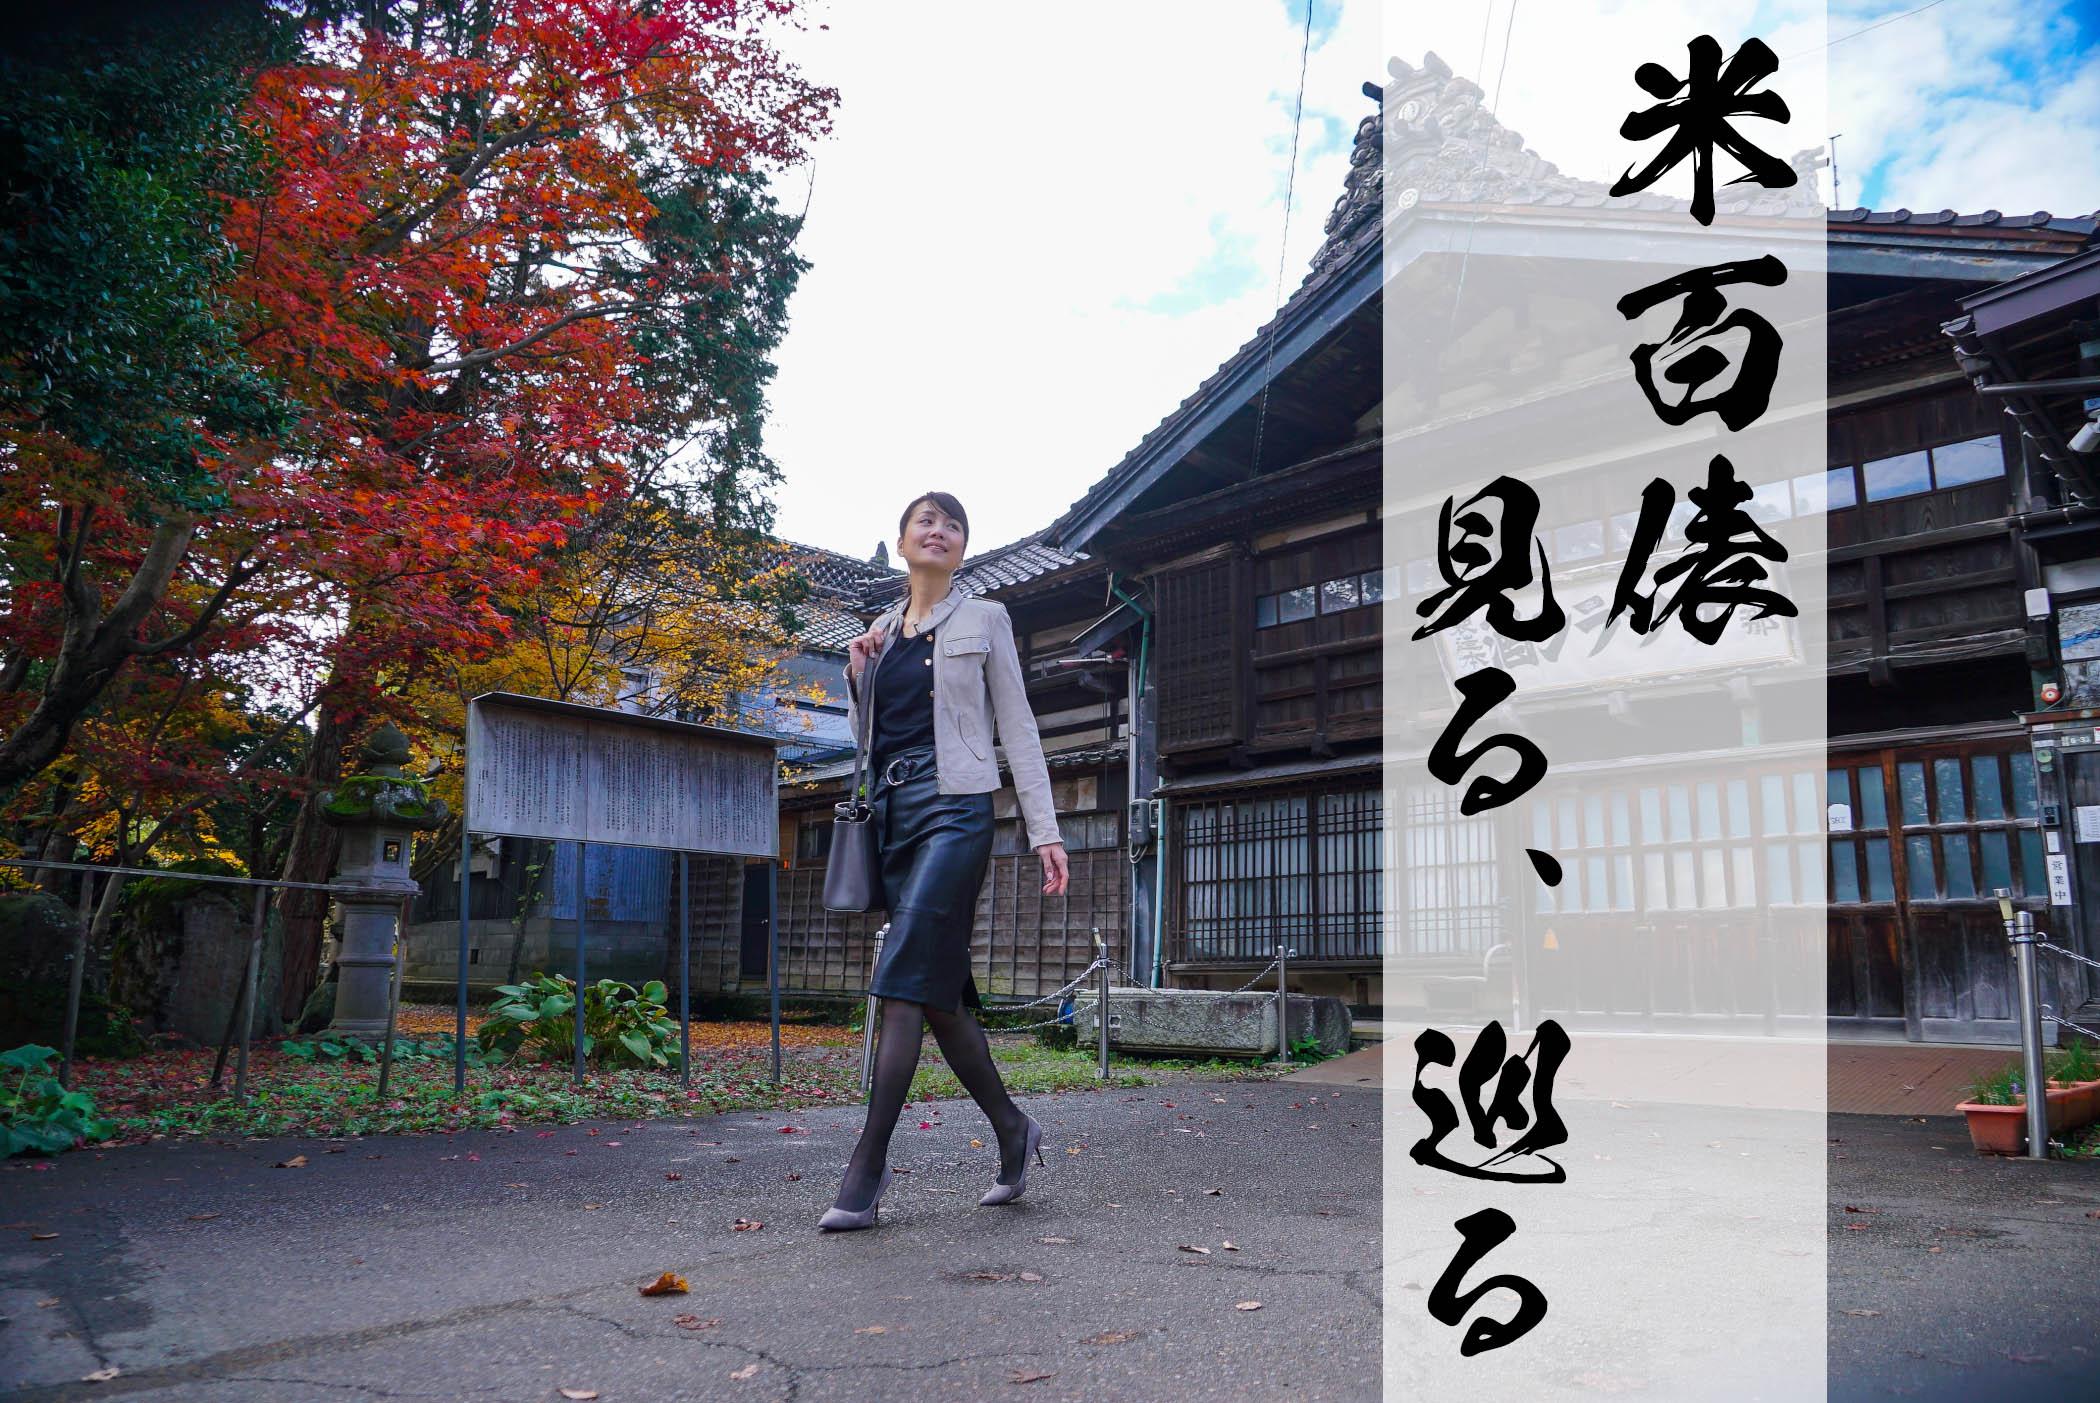 米百俵の精神を見る、巡る 新潟県長岡市